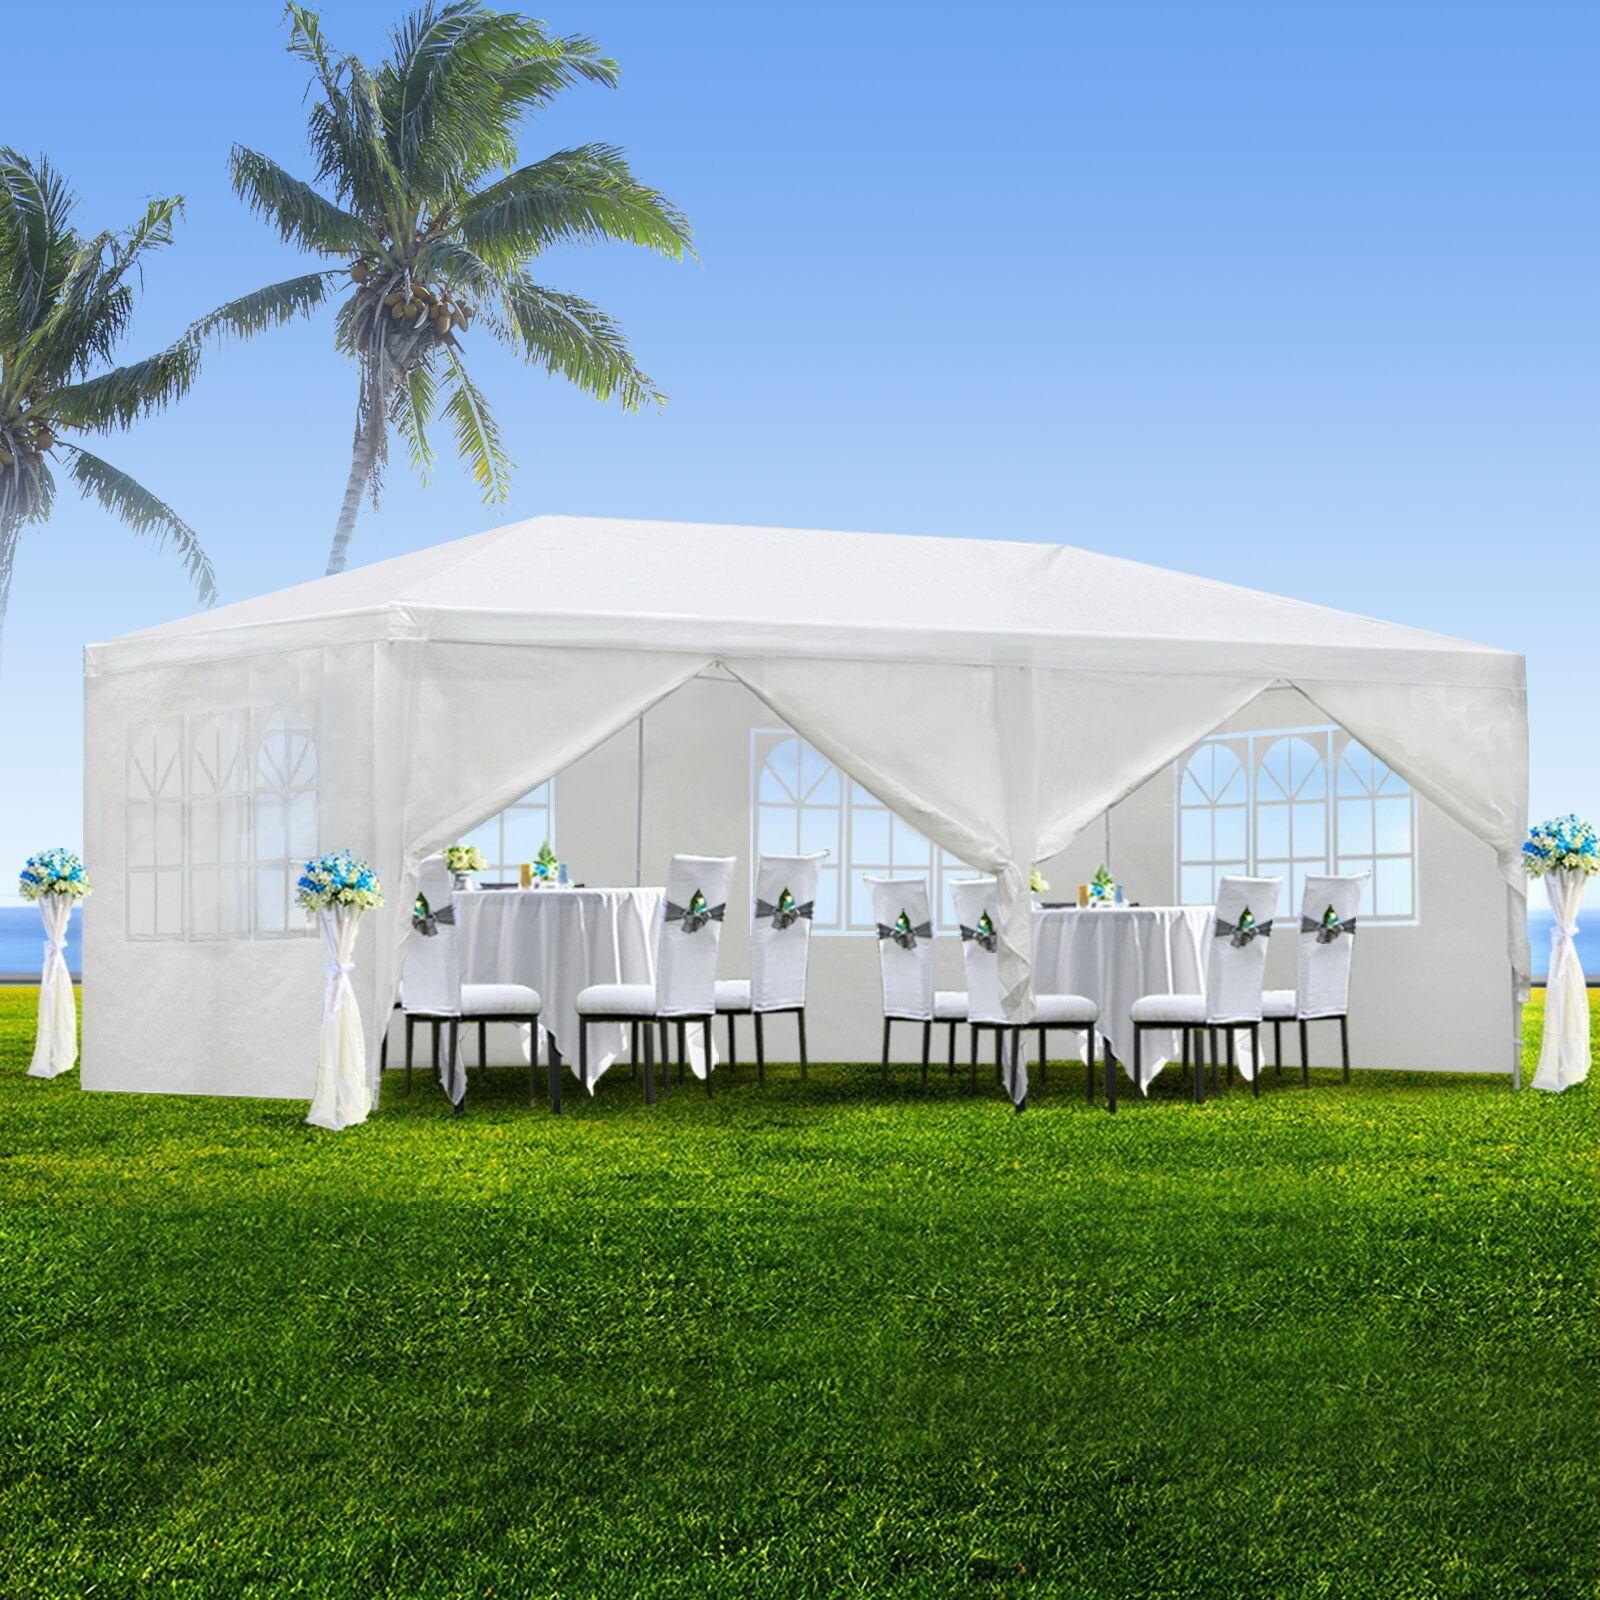 Zeny 10u0027x20u0027 Outdoor Canopy Party Wedding Tent White Gazebo Pavilion w/6 & 10X20 Canopy Tents